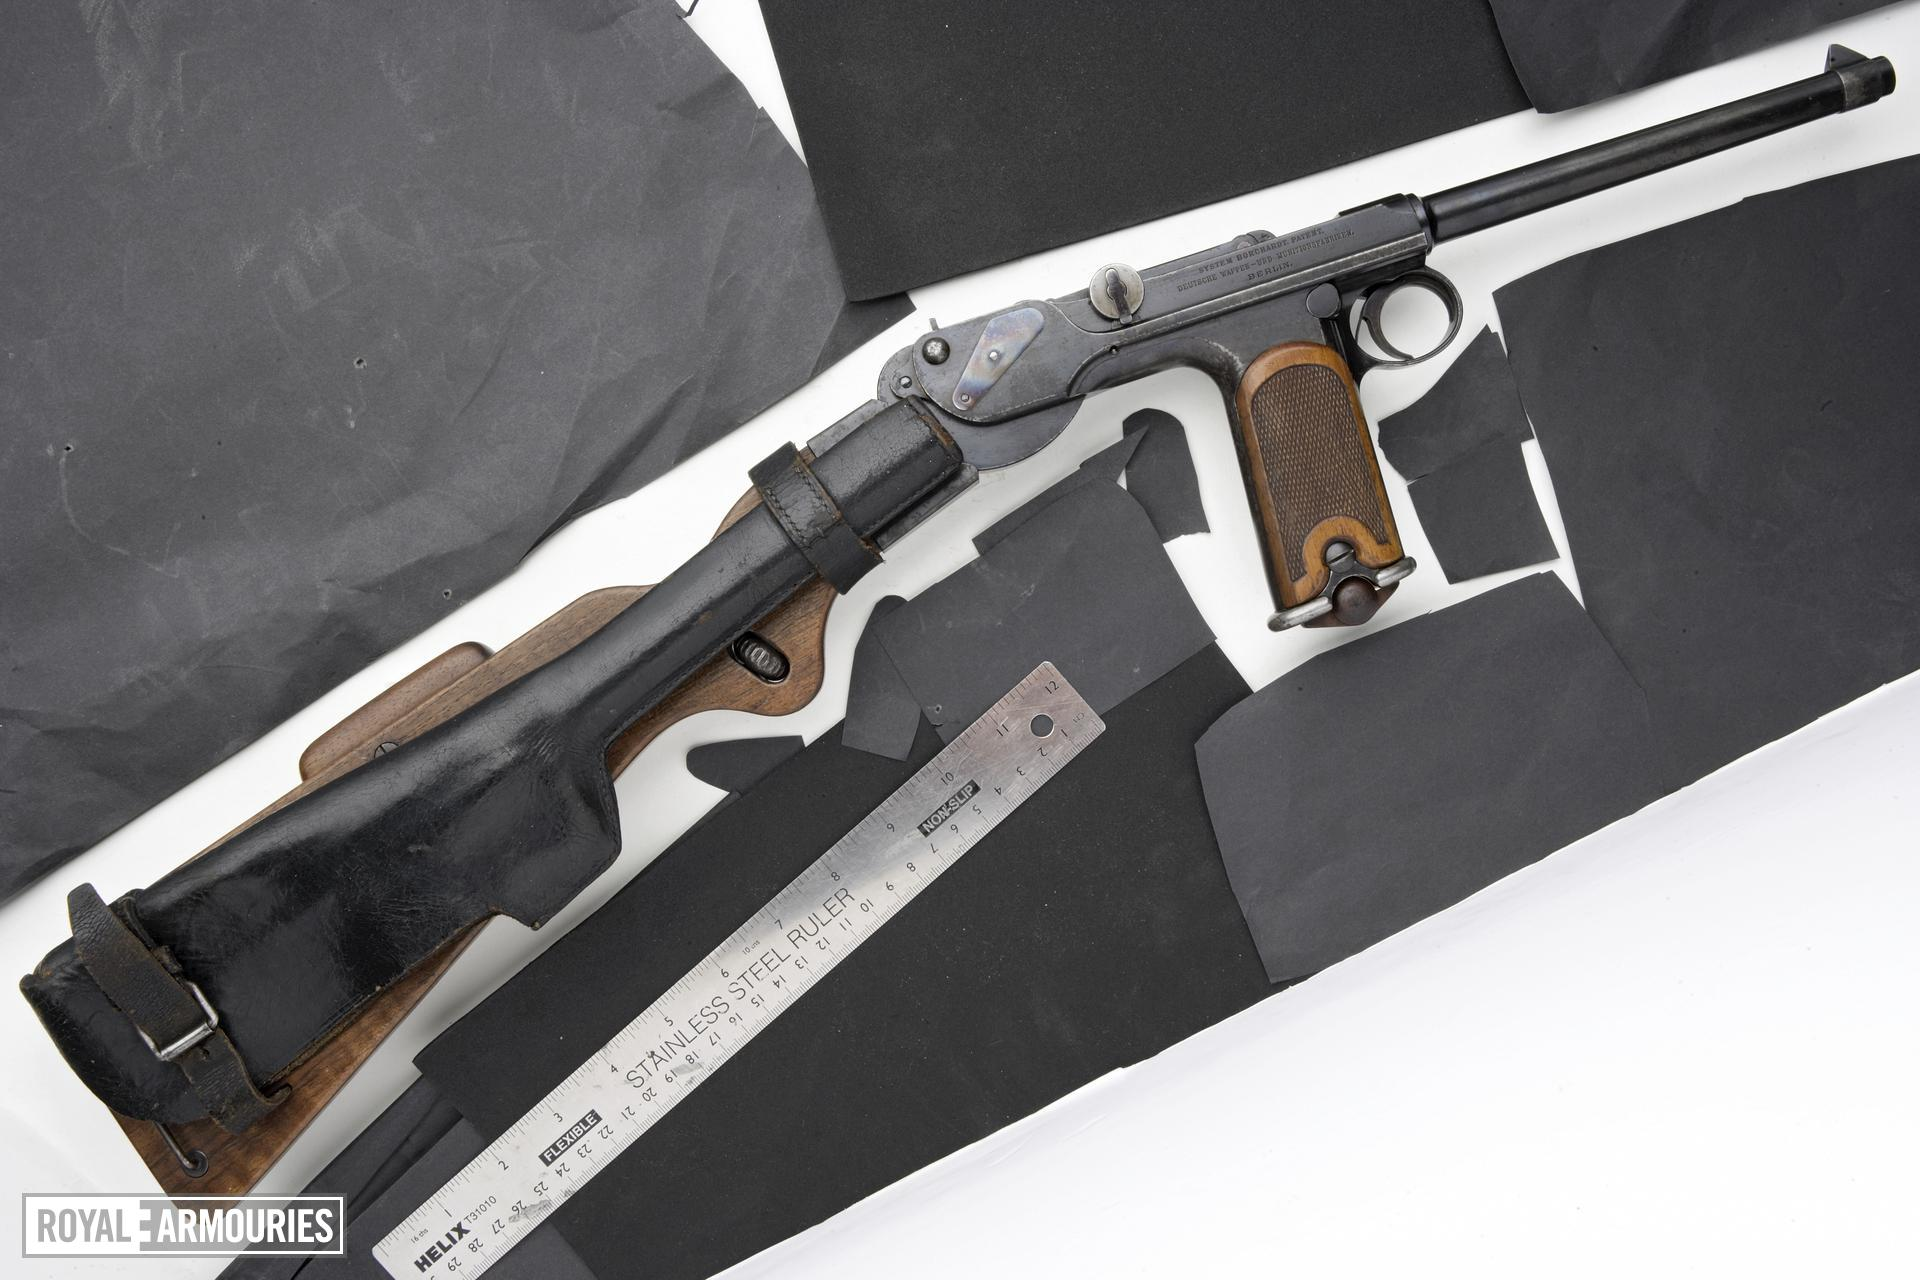 Centrefire self-loading pistol - Borchardt Model 1893